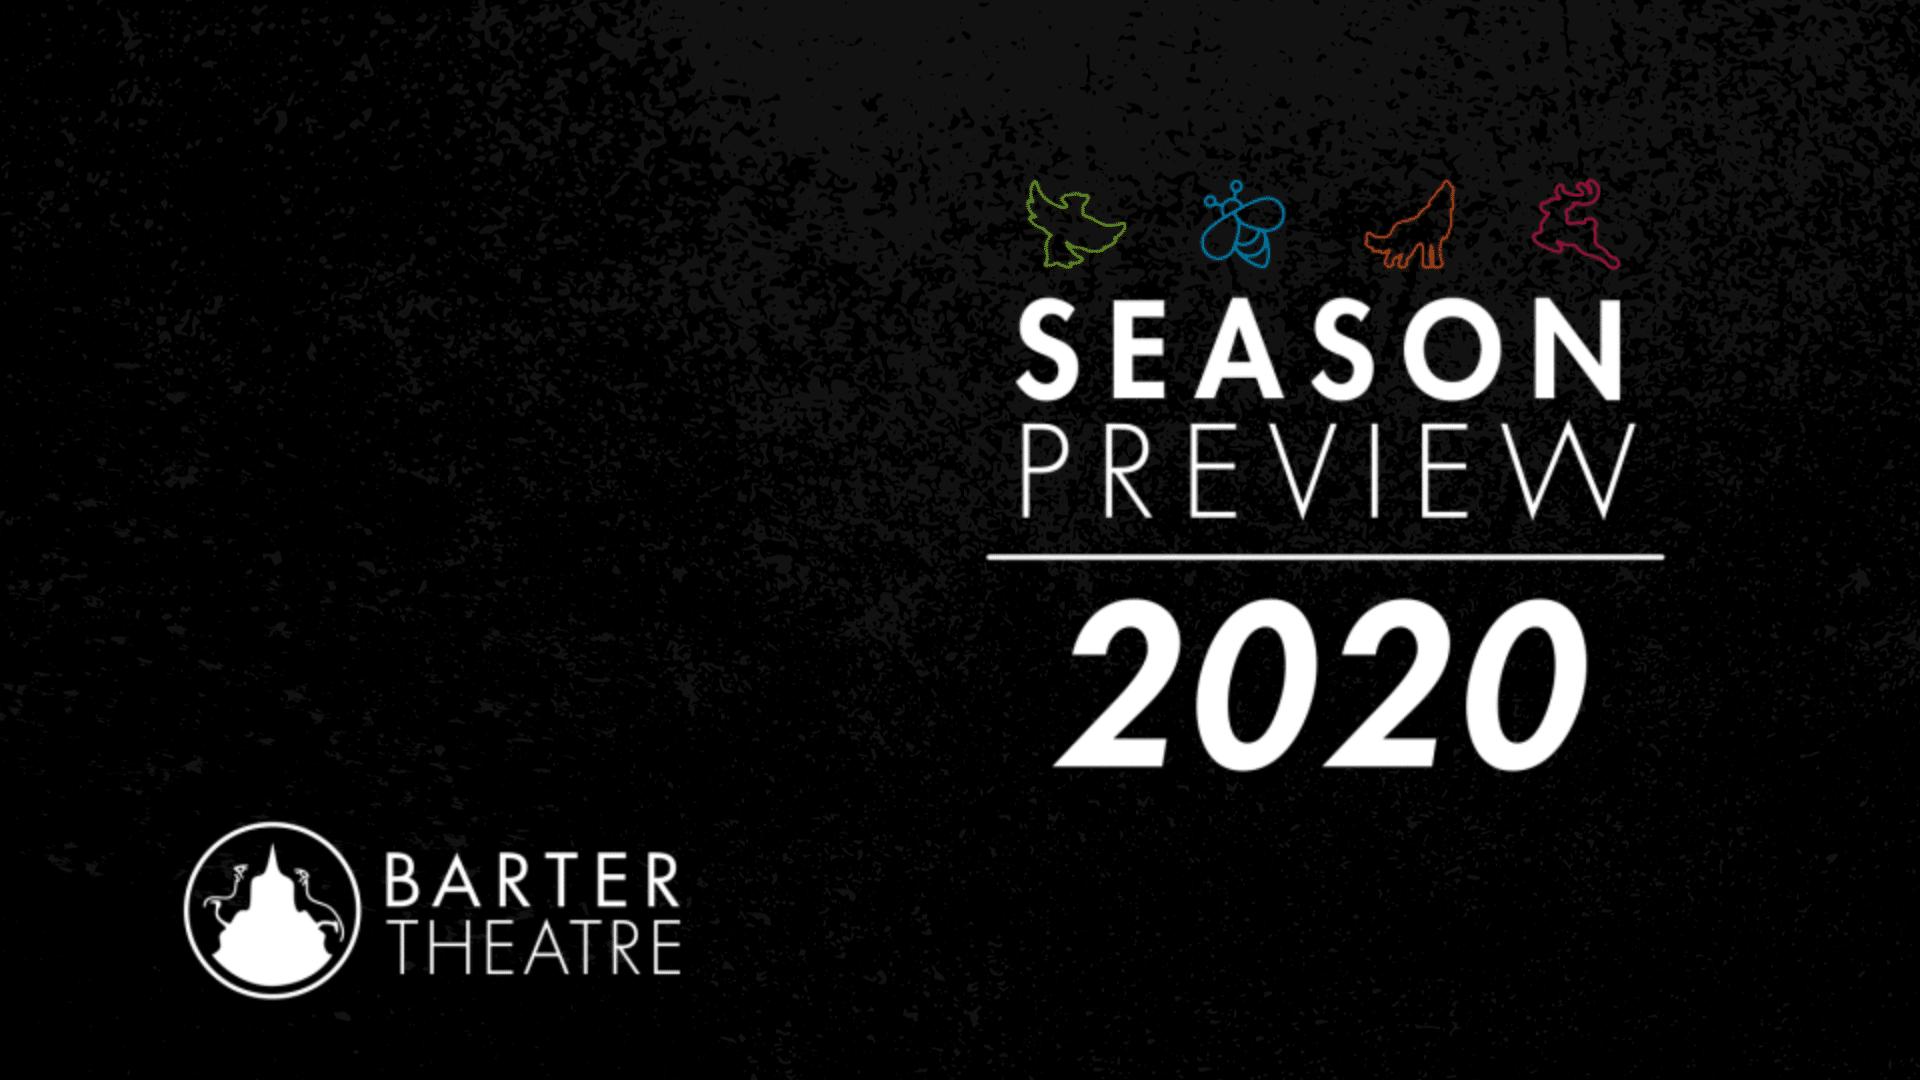 Barter Theatre Season Preview 2020